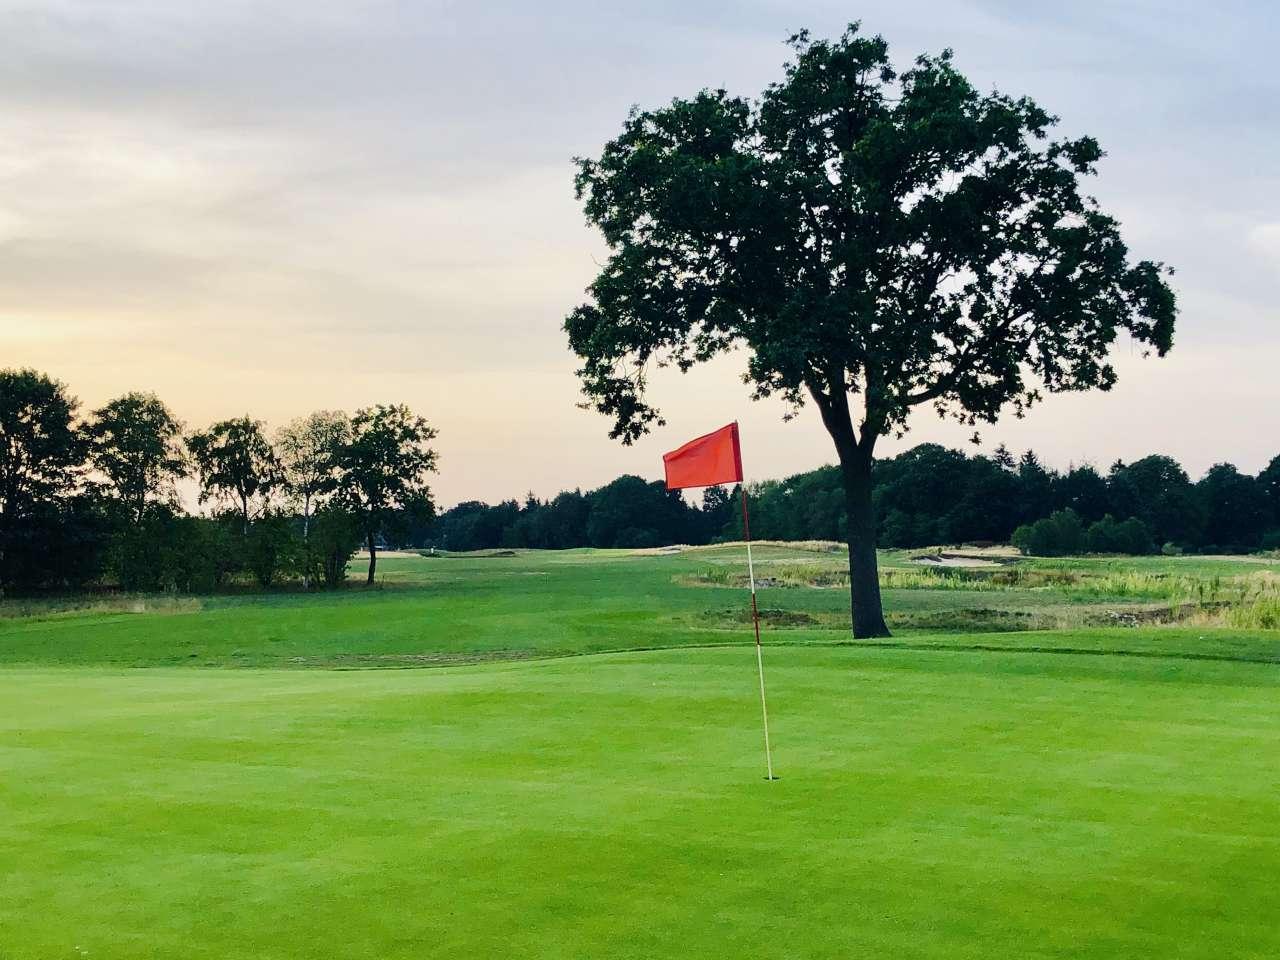 Golfplatz in Lilienthal - Fahne